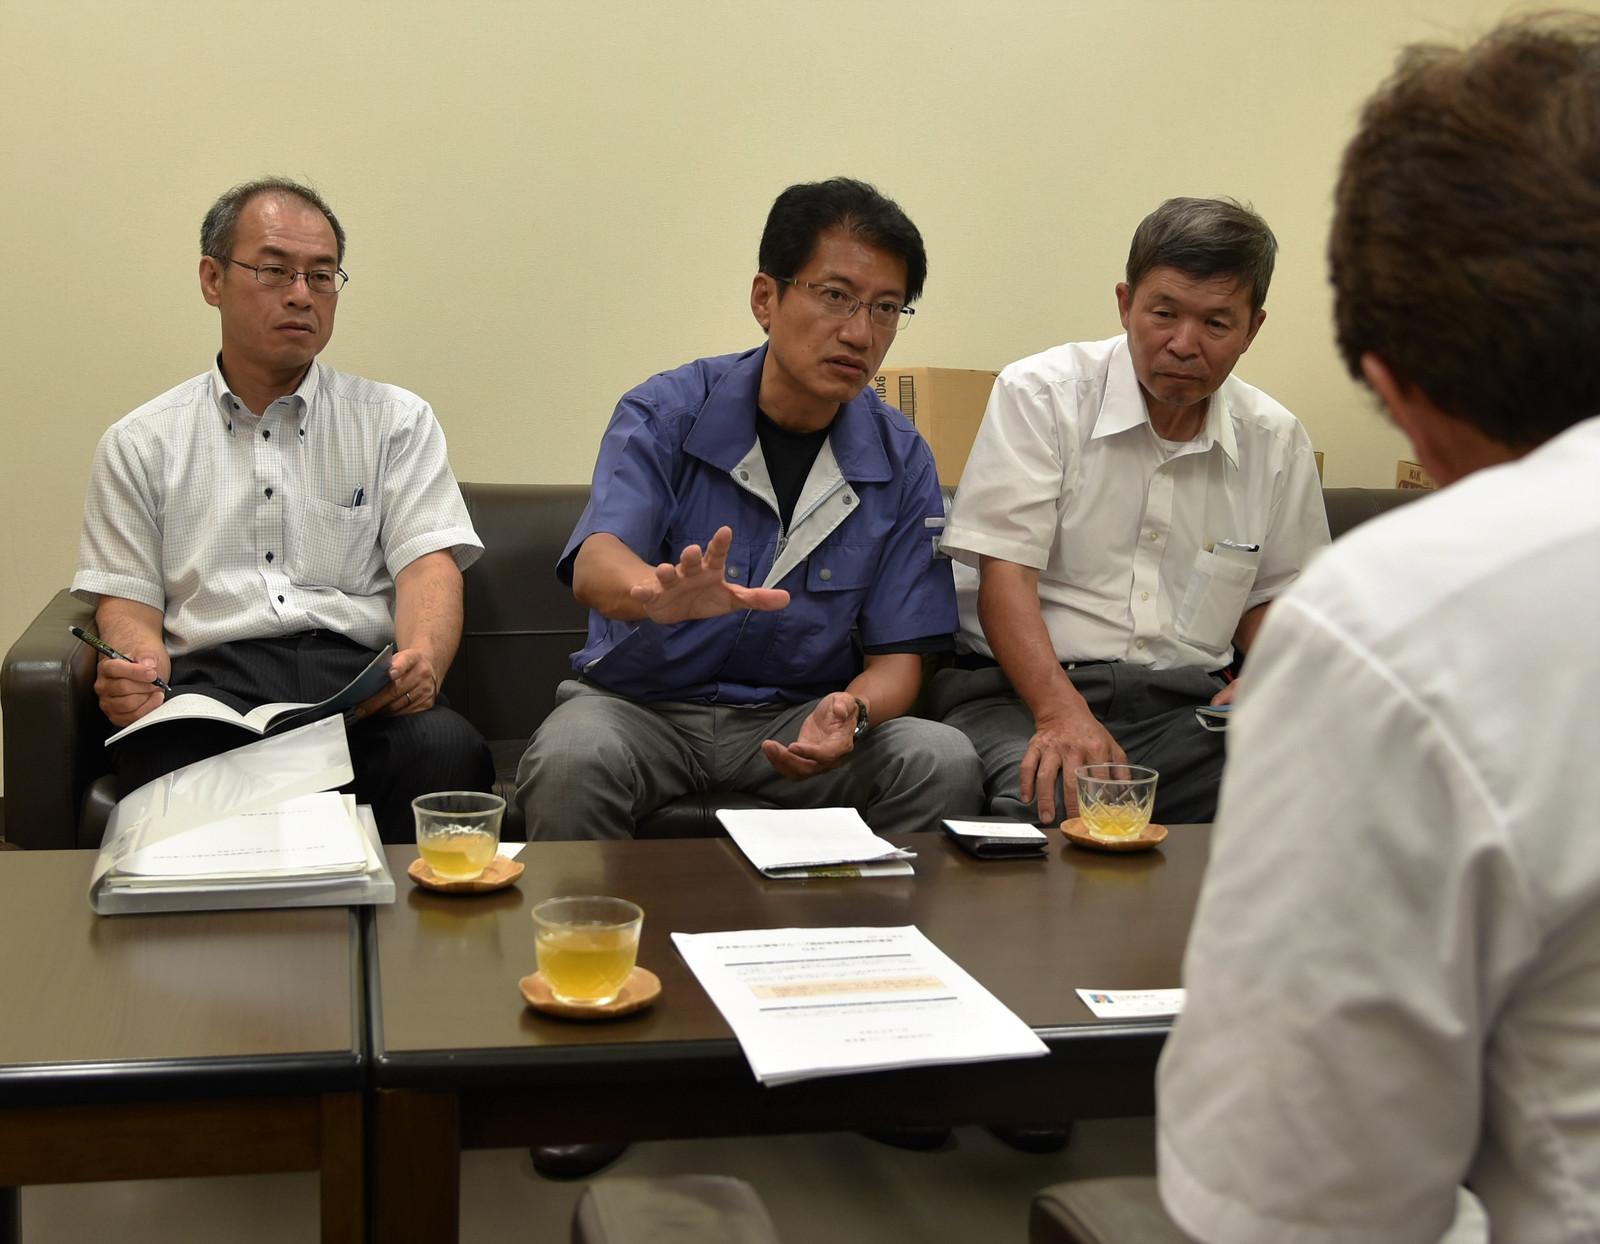 被災した地元業者と懇談する田村氏(正面中央)と山本(左)、田島の各氏=7日、熊本県西原村